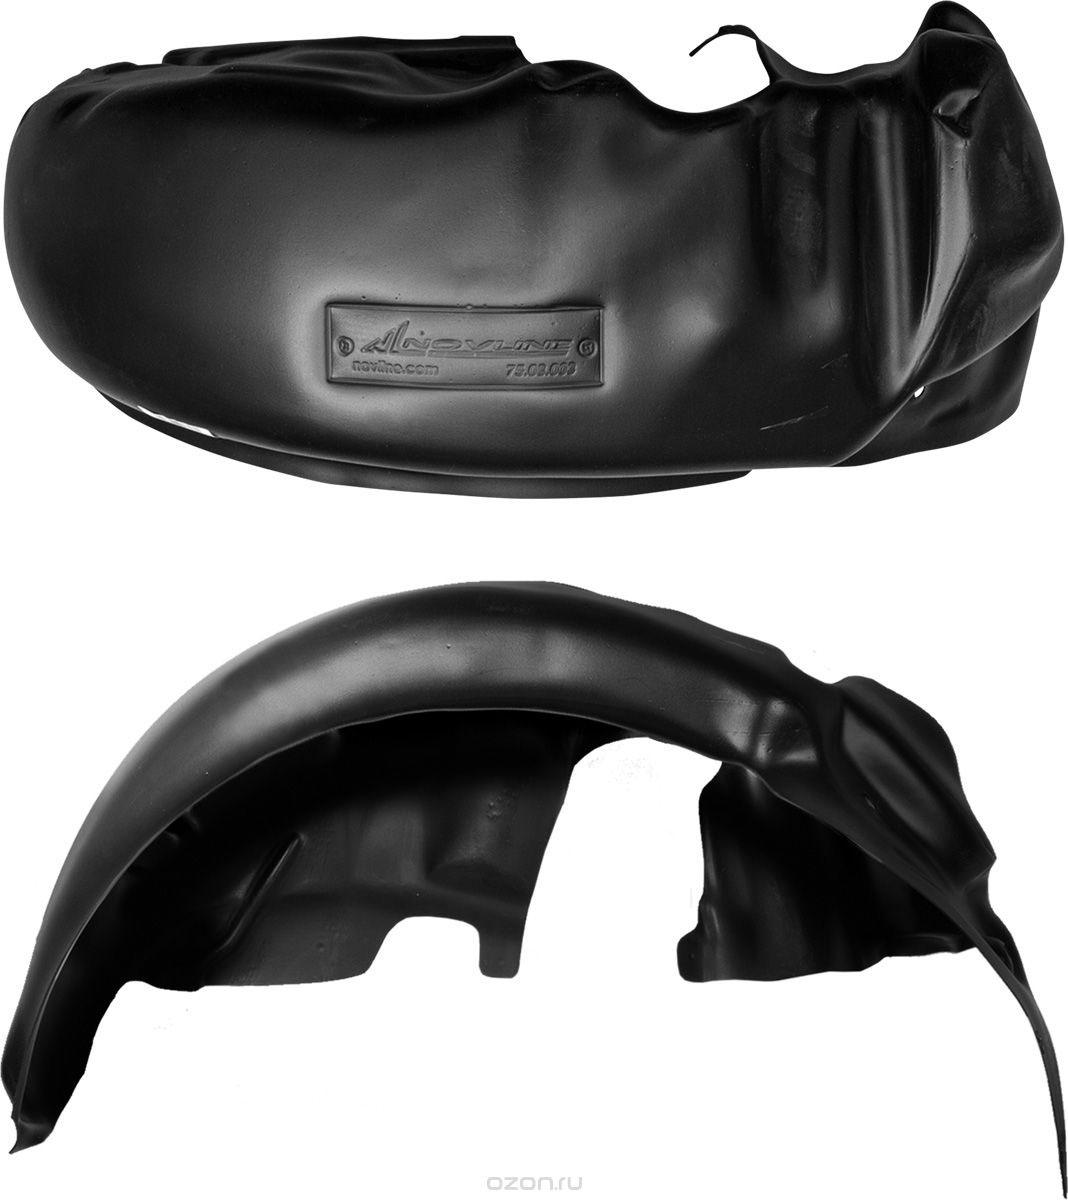 Подкрылок Novline-Autofamily, для DAEWOO Matiz 2005->, задний левый001903Идеальная защита колесной ниши. Локеры разработаны с применением цифровых технологий, гарантируют максимальную повторяемость поверхности арки. Изделия устанавливаются без нарушения лакокрасочного покрытия автомобиля, каждый подкрылок комплектуется крепежом. Уважаемые клиенты, обращаем ваше внимание, что фотографии на подкрылки универсальные и не отражают реальную форму изделия. При этом само изделие идет точно под размер указанного автомобиля.